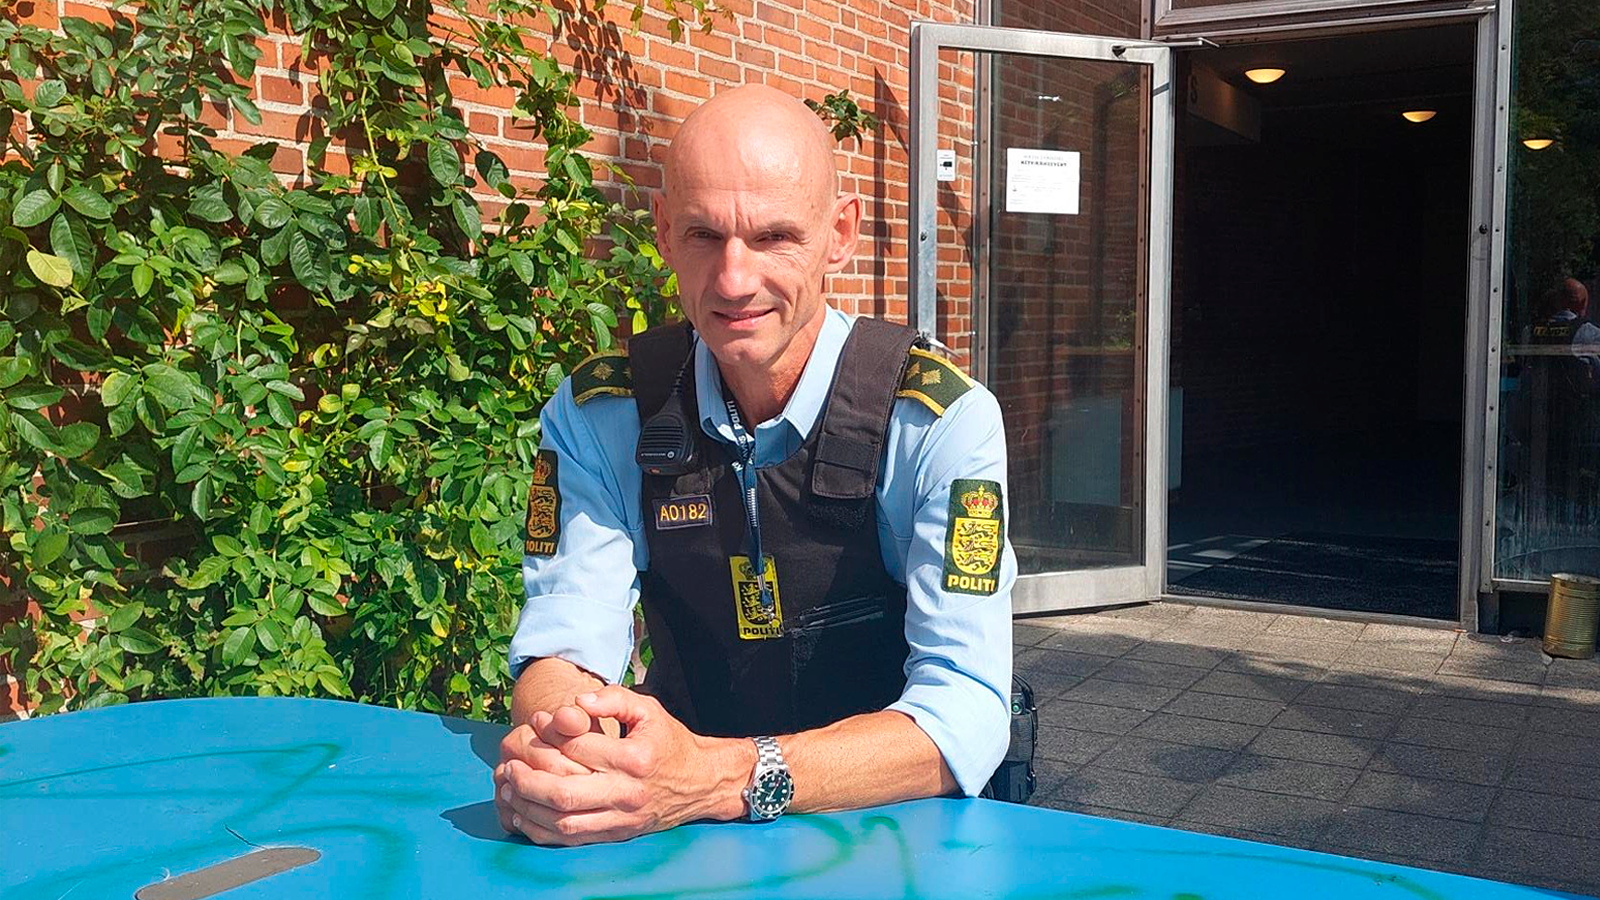 Iäkäs miespuolinen poliisi asuinyksikön edessä